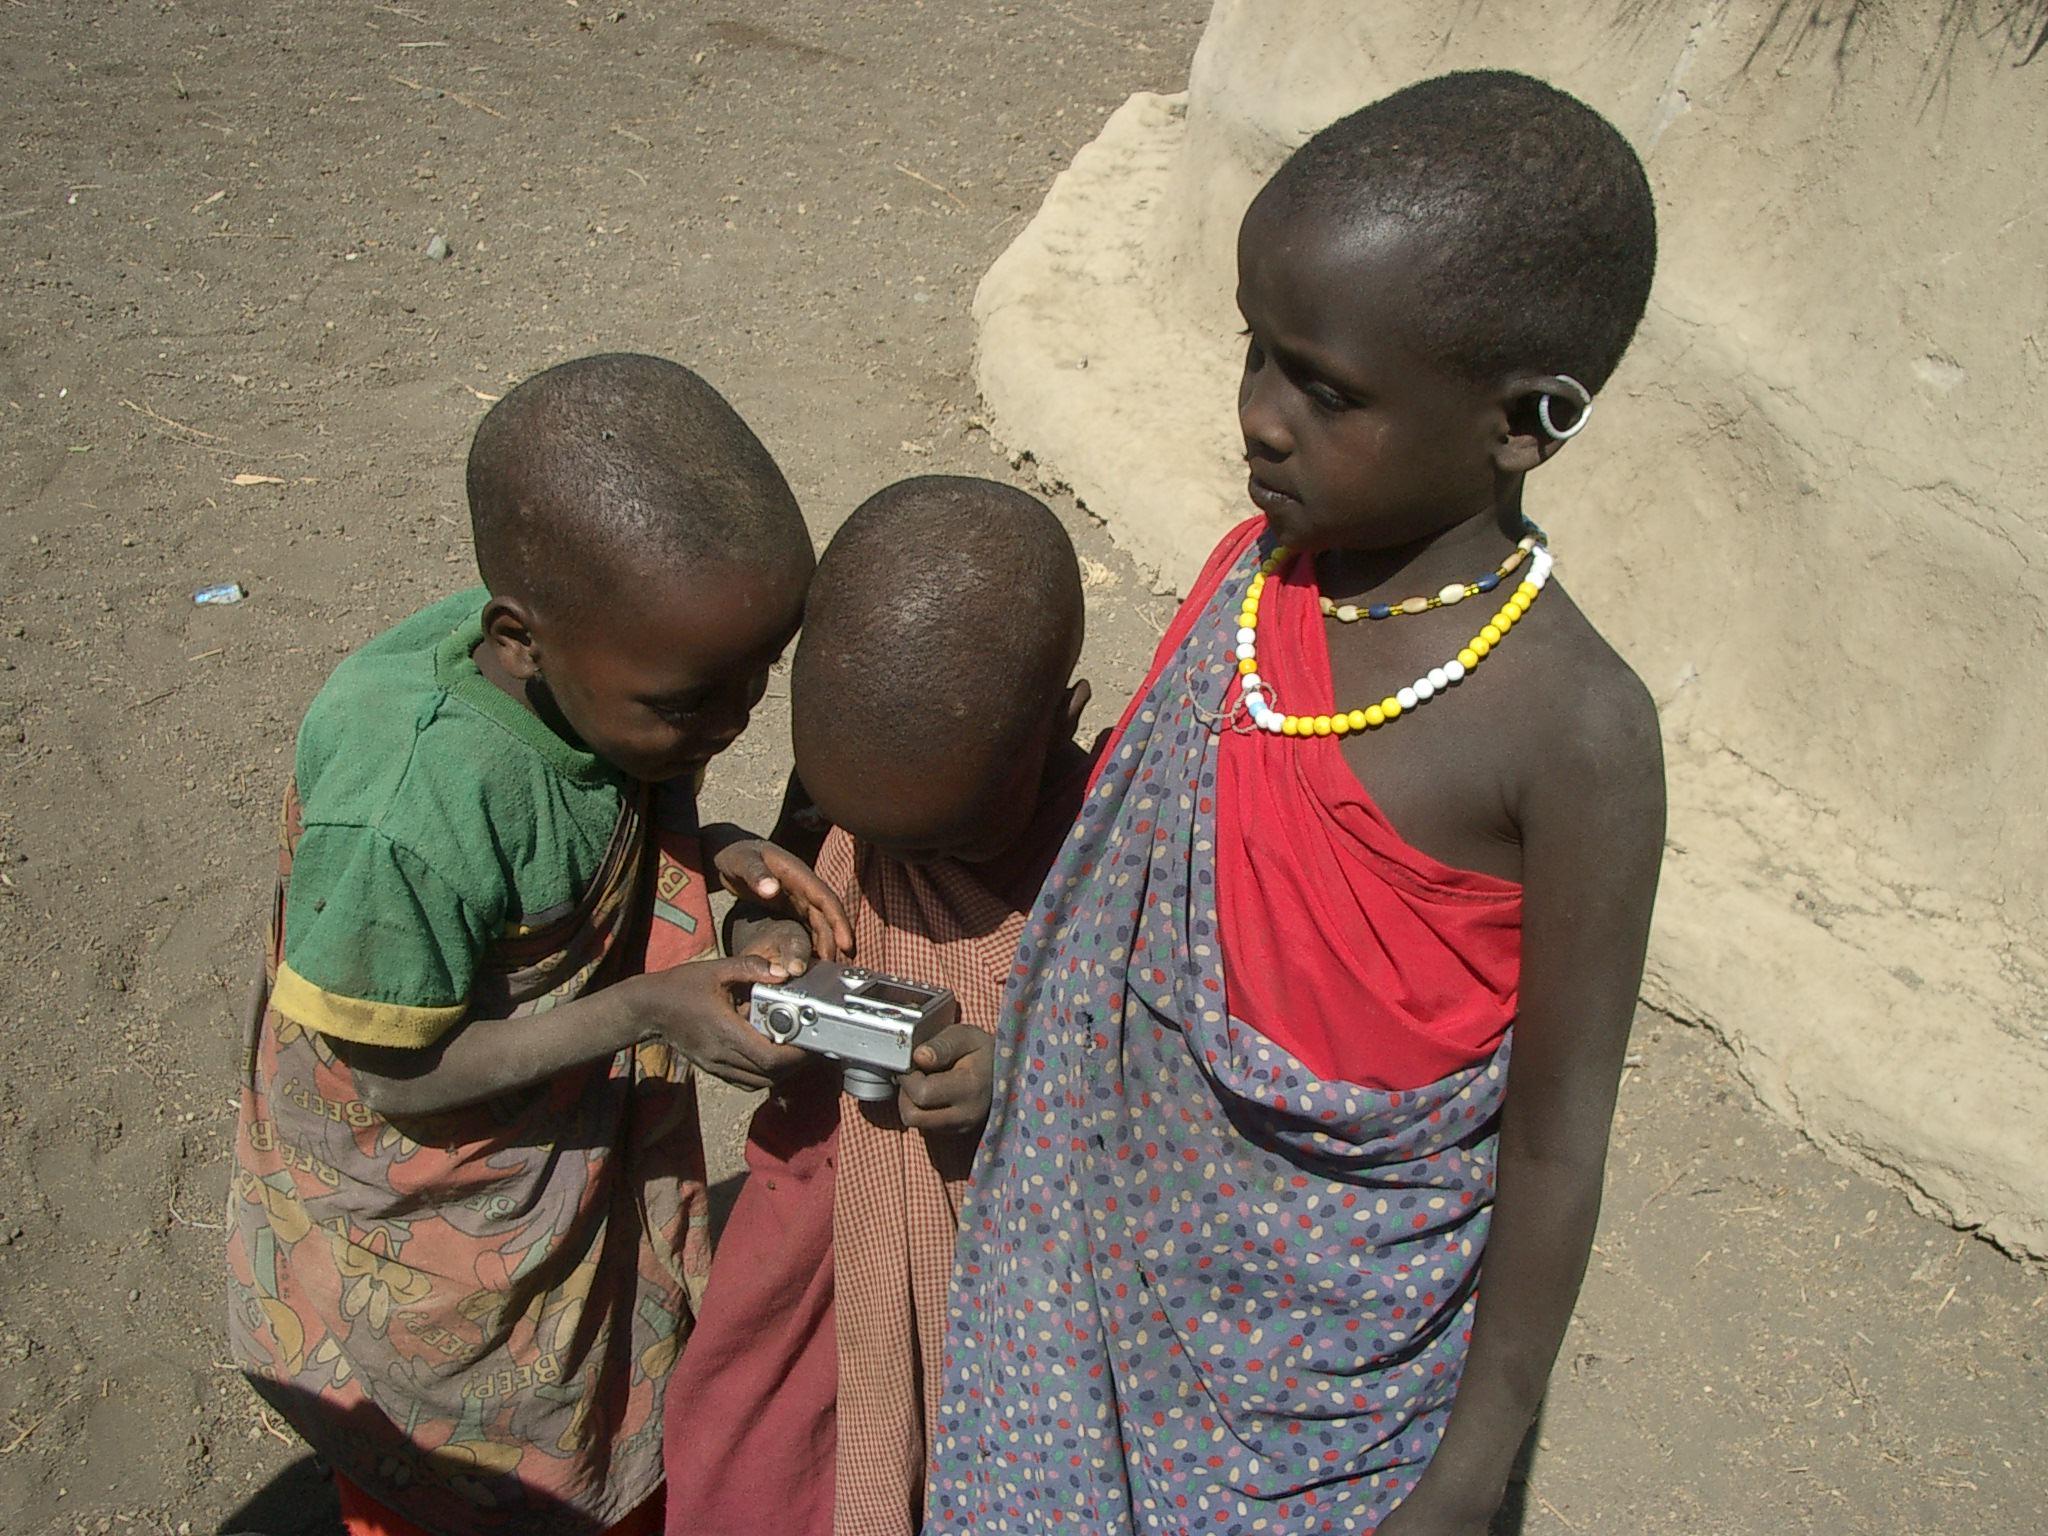 Masai kids using camera